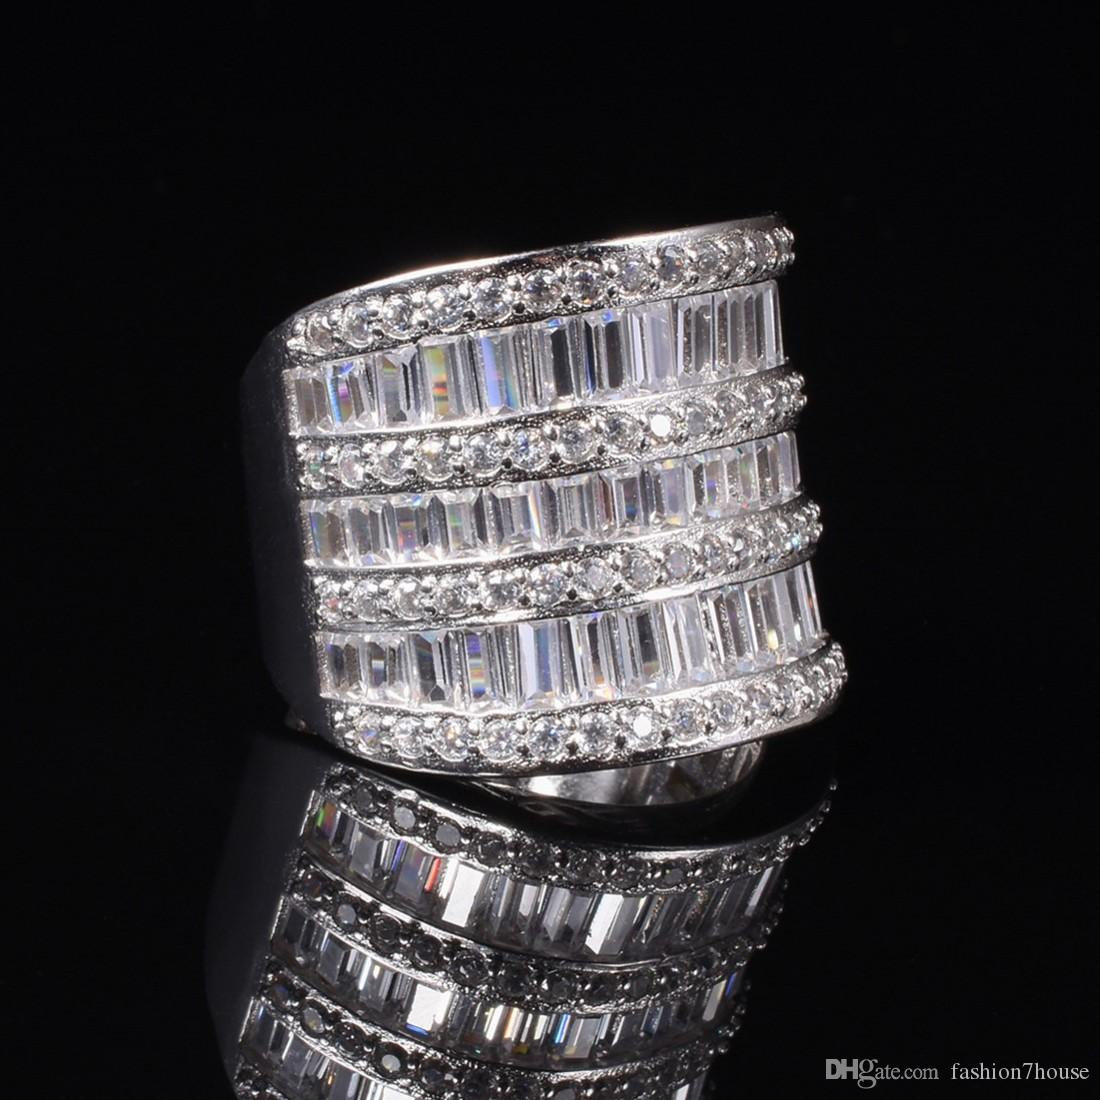 Shine 925 Silber Cocktail Ringe Fingerschmuck Luxus Pflastern gesetztes volles Quadrat T Simulierter Diamant Edelstein Ring für Frauen